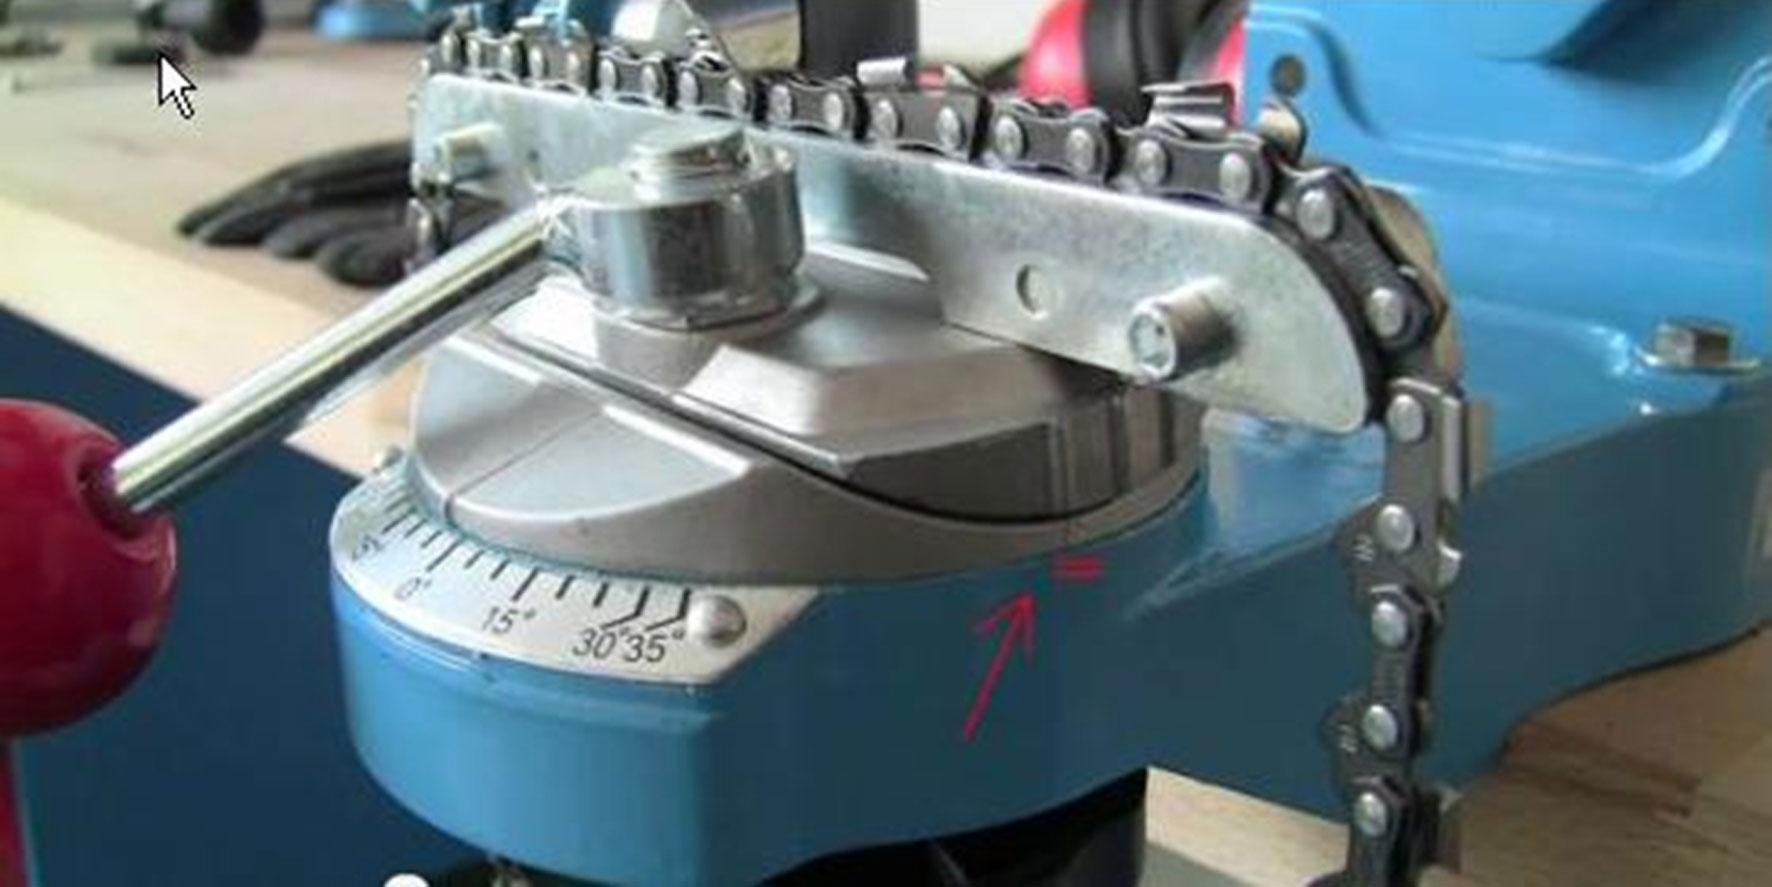 sägekettenschärfgerät / kettensäge schärfgerät güde p 2501 s - bei